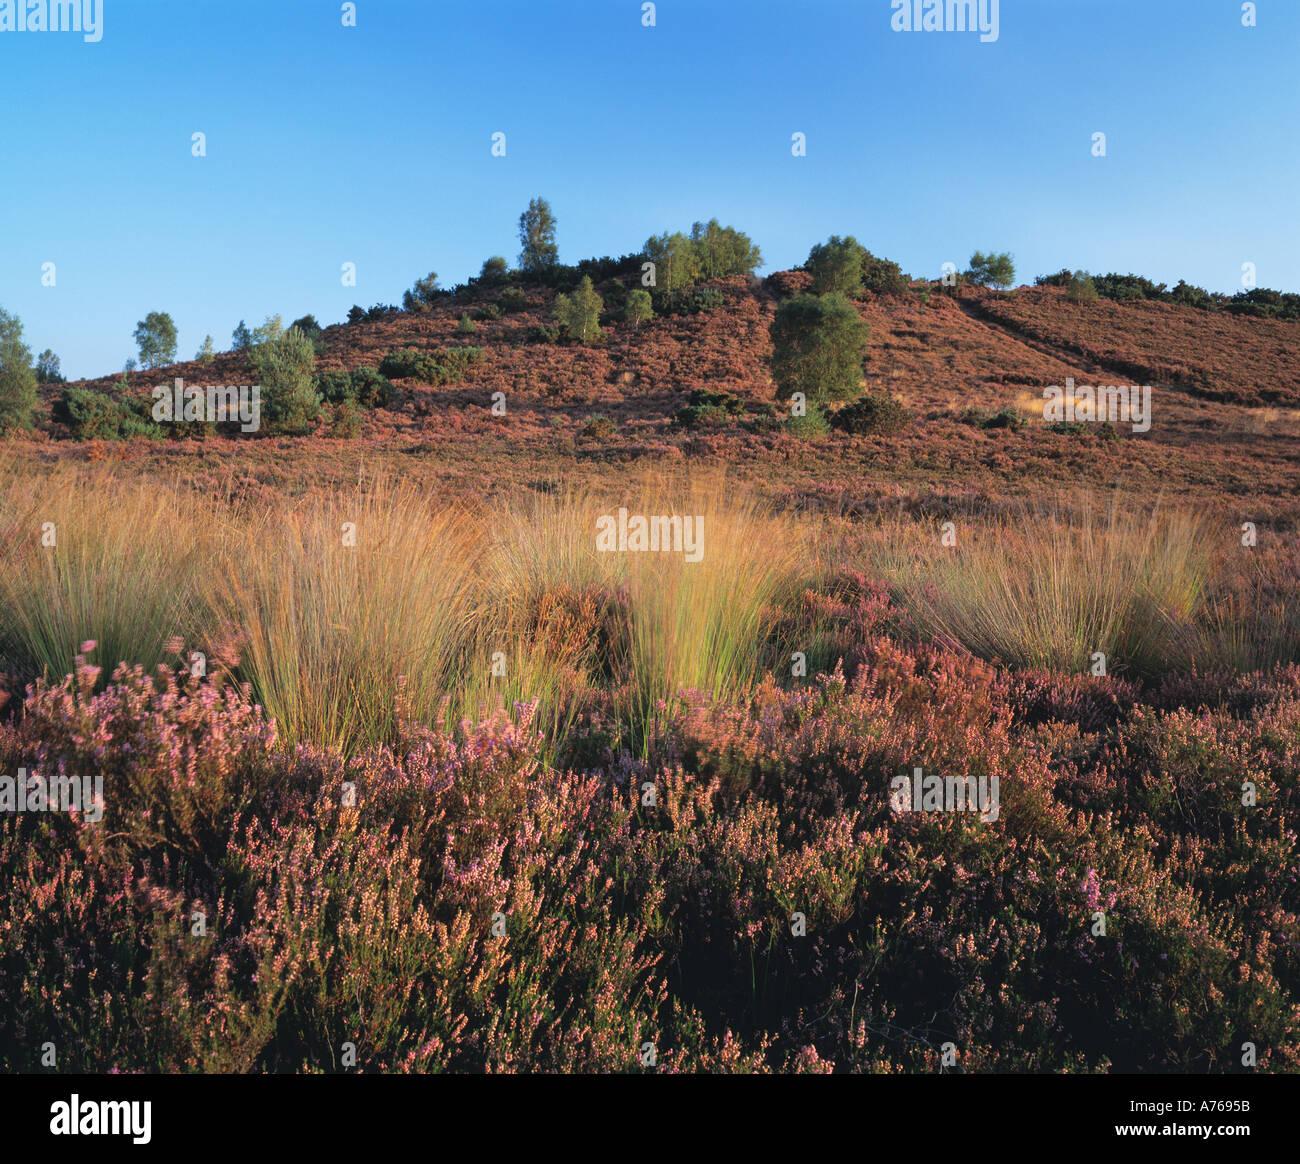 Comune Thursley Riserva Naturale Nazionale ,Surrey brughiera,Surrey, Inghilterra, Regno Unito GB. Immagini Stock